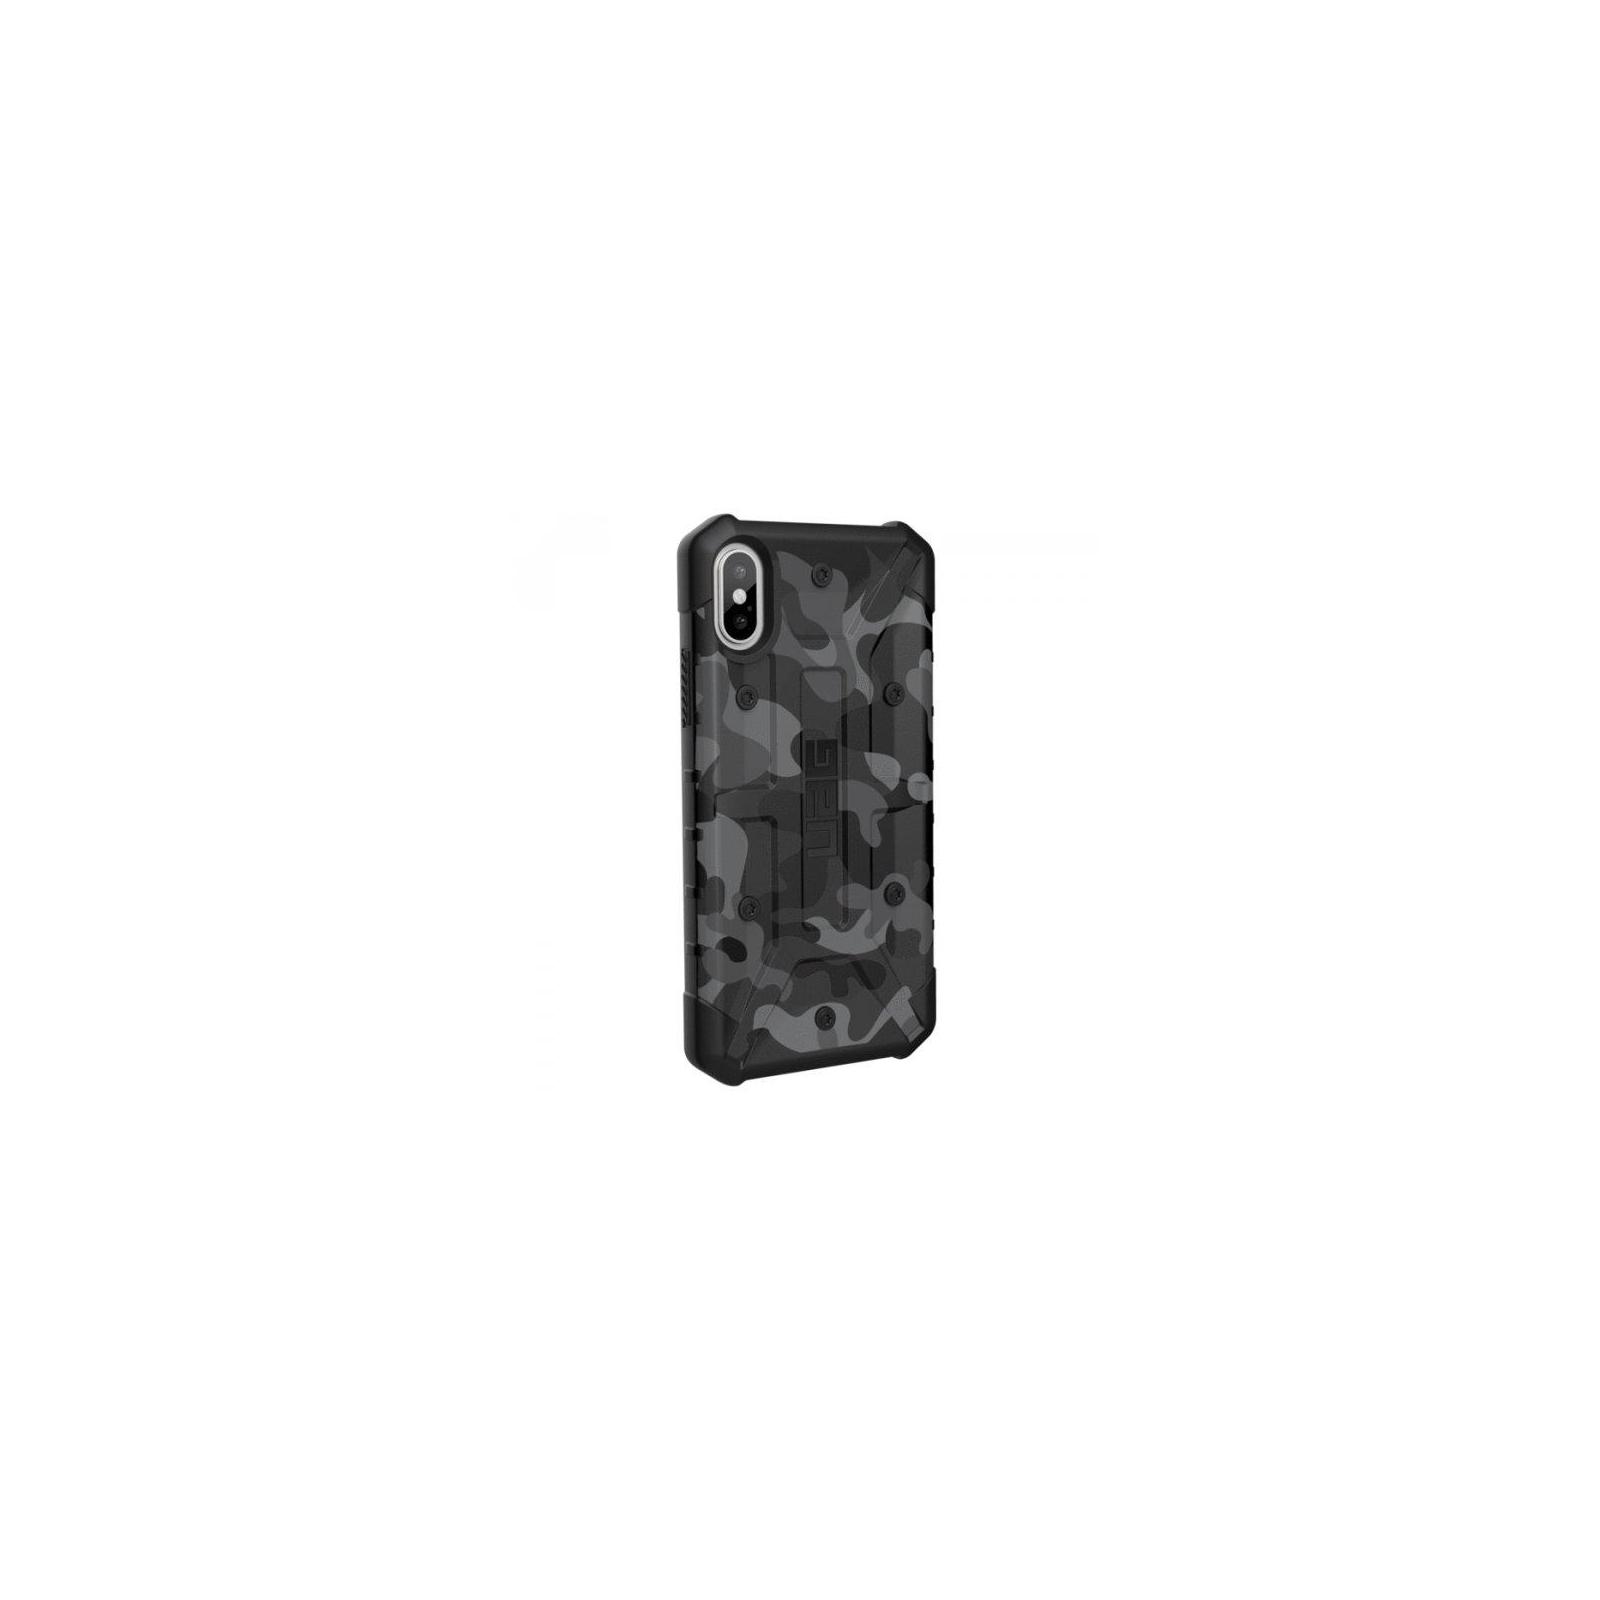 Чехол для моб. телефона UAG iPhone X Pathfinder Camo Gray/Black (IPHX-A-BC) изображение 2